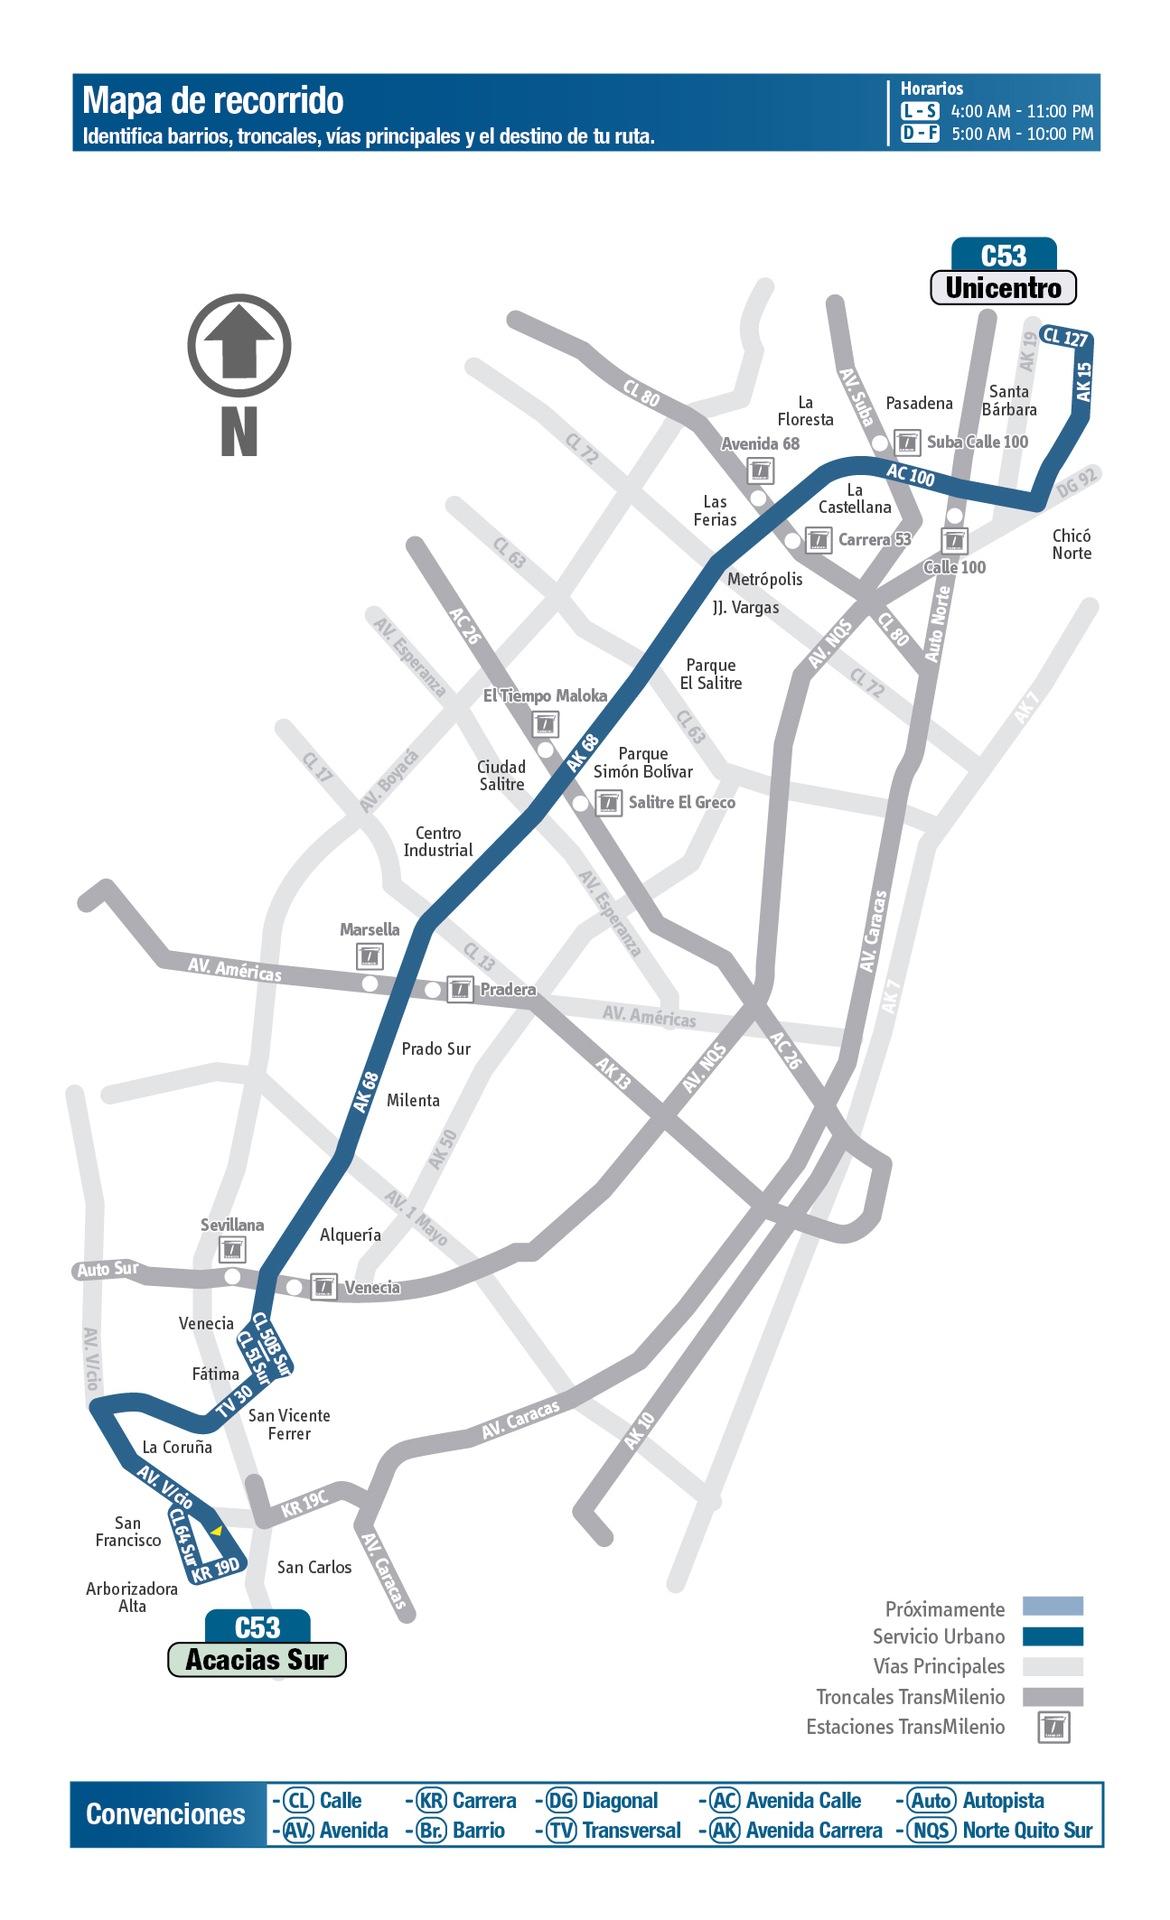 Ruta SITP: C53 Acacias Sur ↔ Unicentro [Urbana] 2